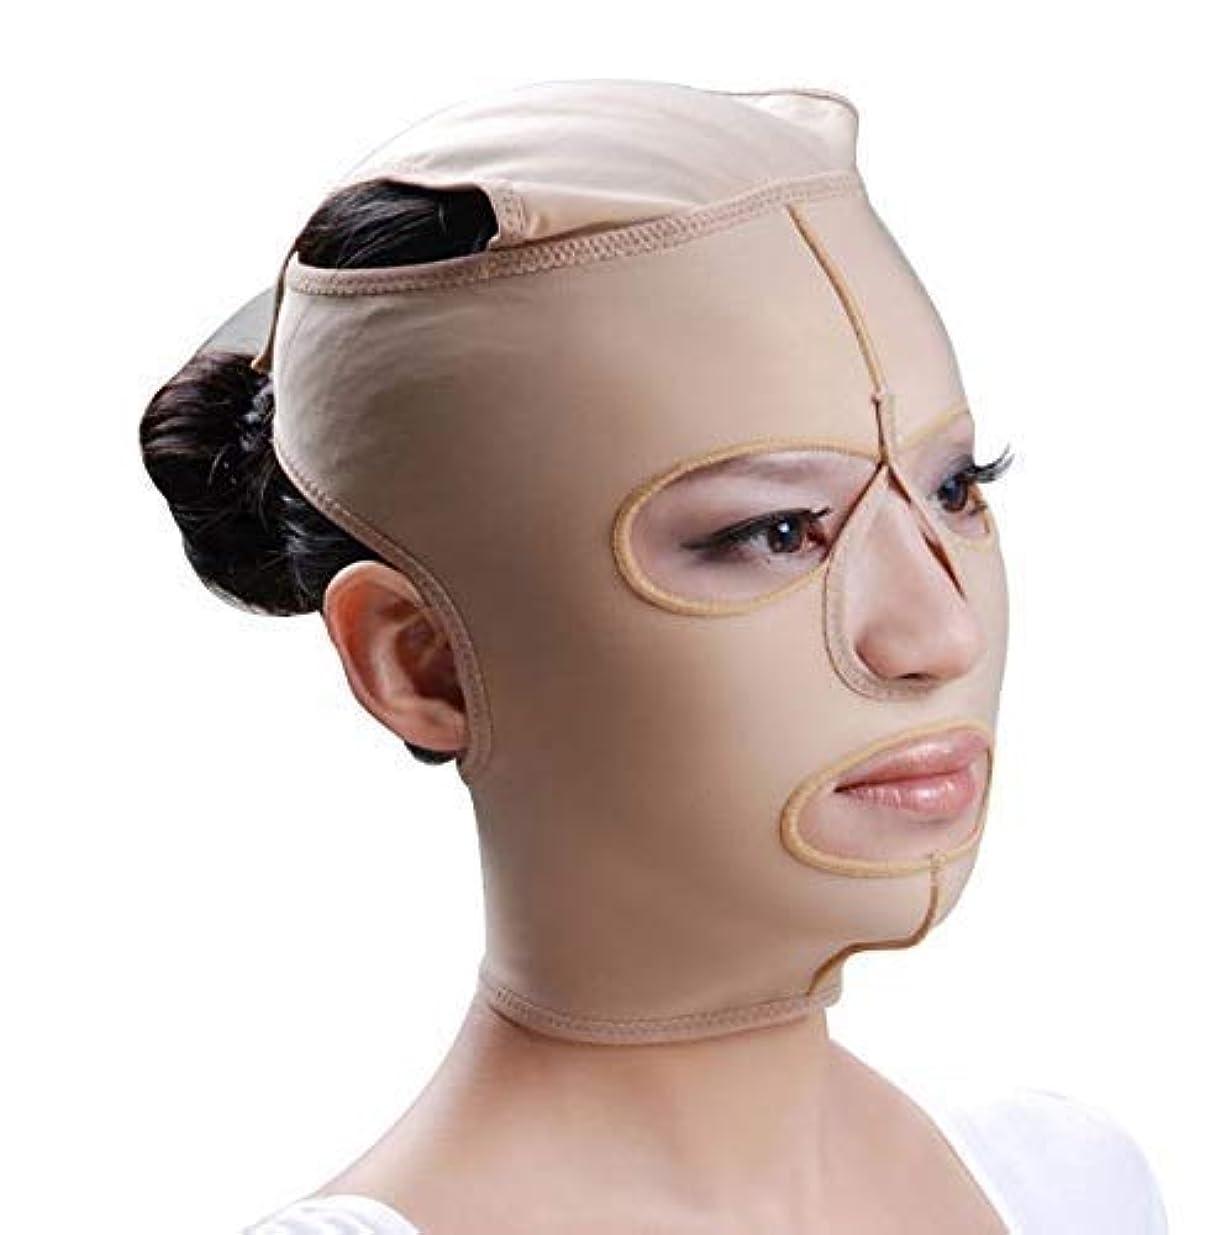 吸収剤用量違うファーミングフェイスマスク、フェイシャルマスク弾性フェイスリフティングリフティングファーミングパターンマイクロフィニッシングポストモデリングコンプレッションフェイスマスク(サイズ:L)